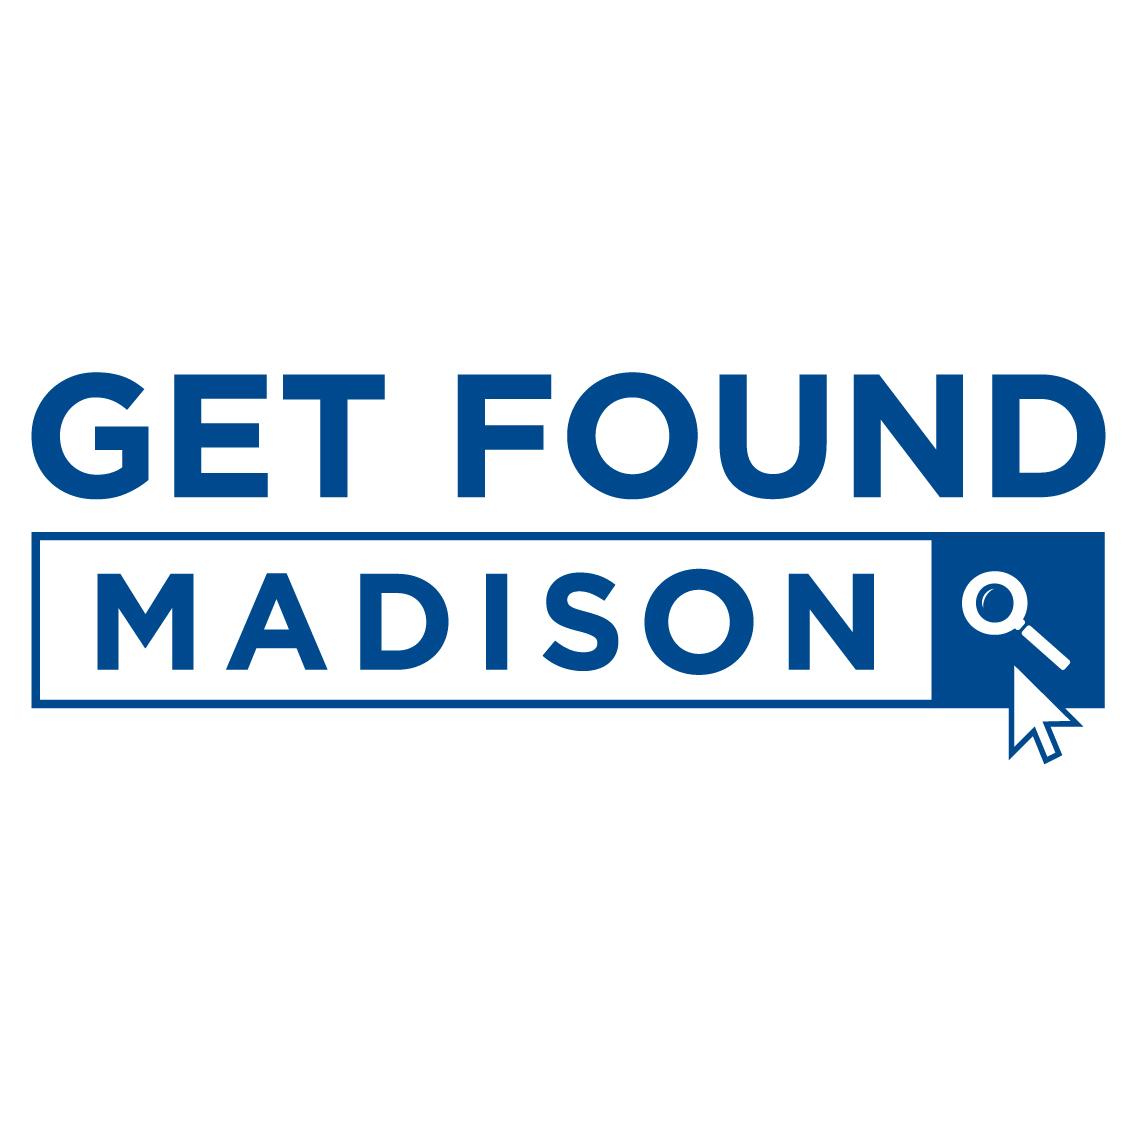 Get Found Madison logo